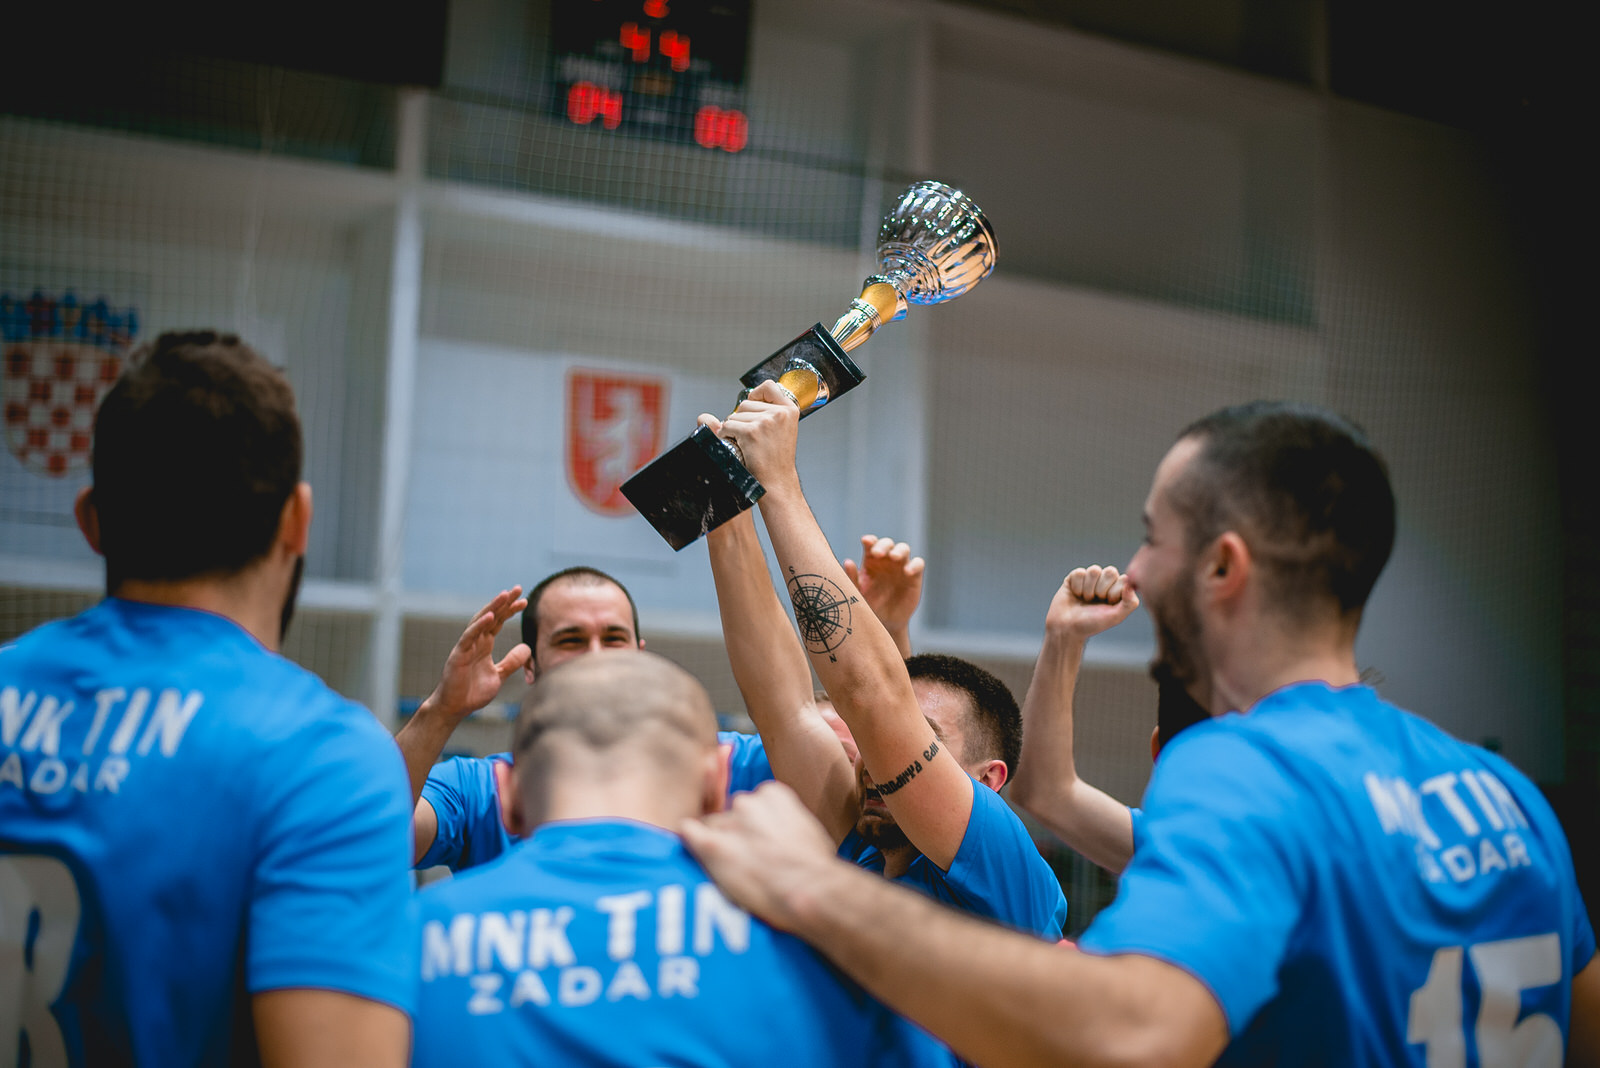 likaclub_gospić_zimski-malonogometni-turnir-2018-19-1131